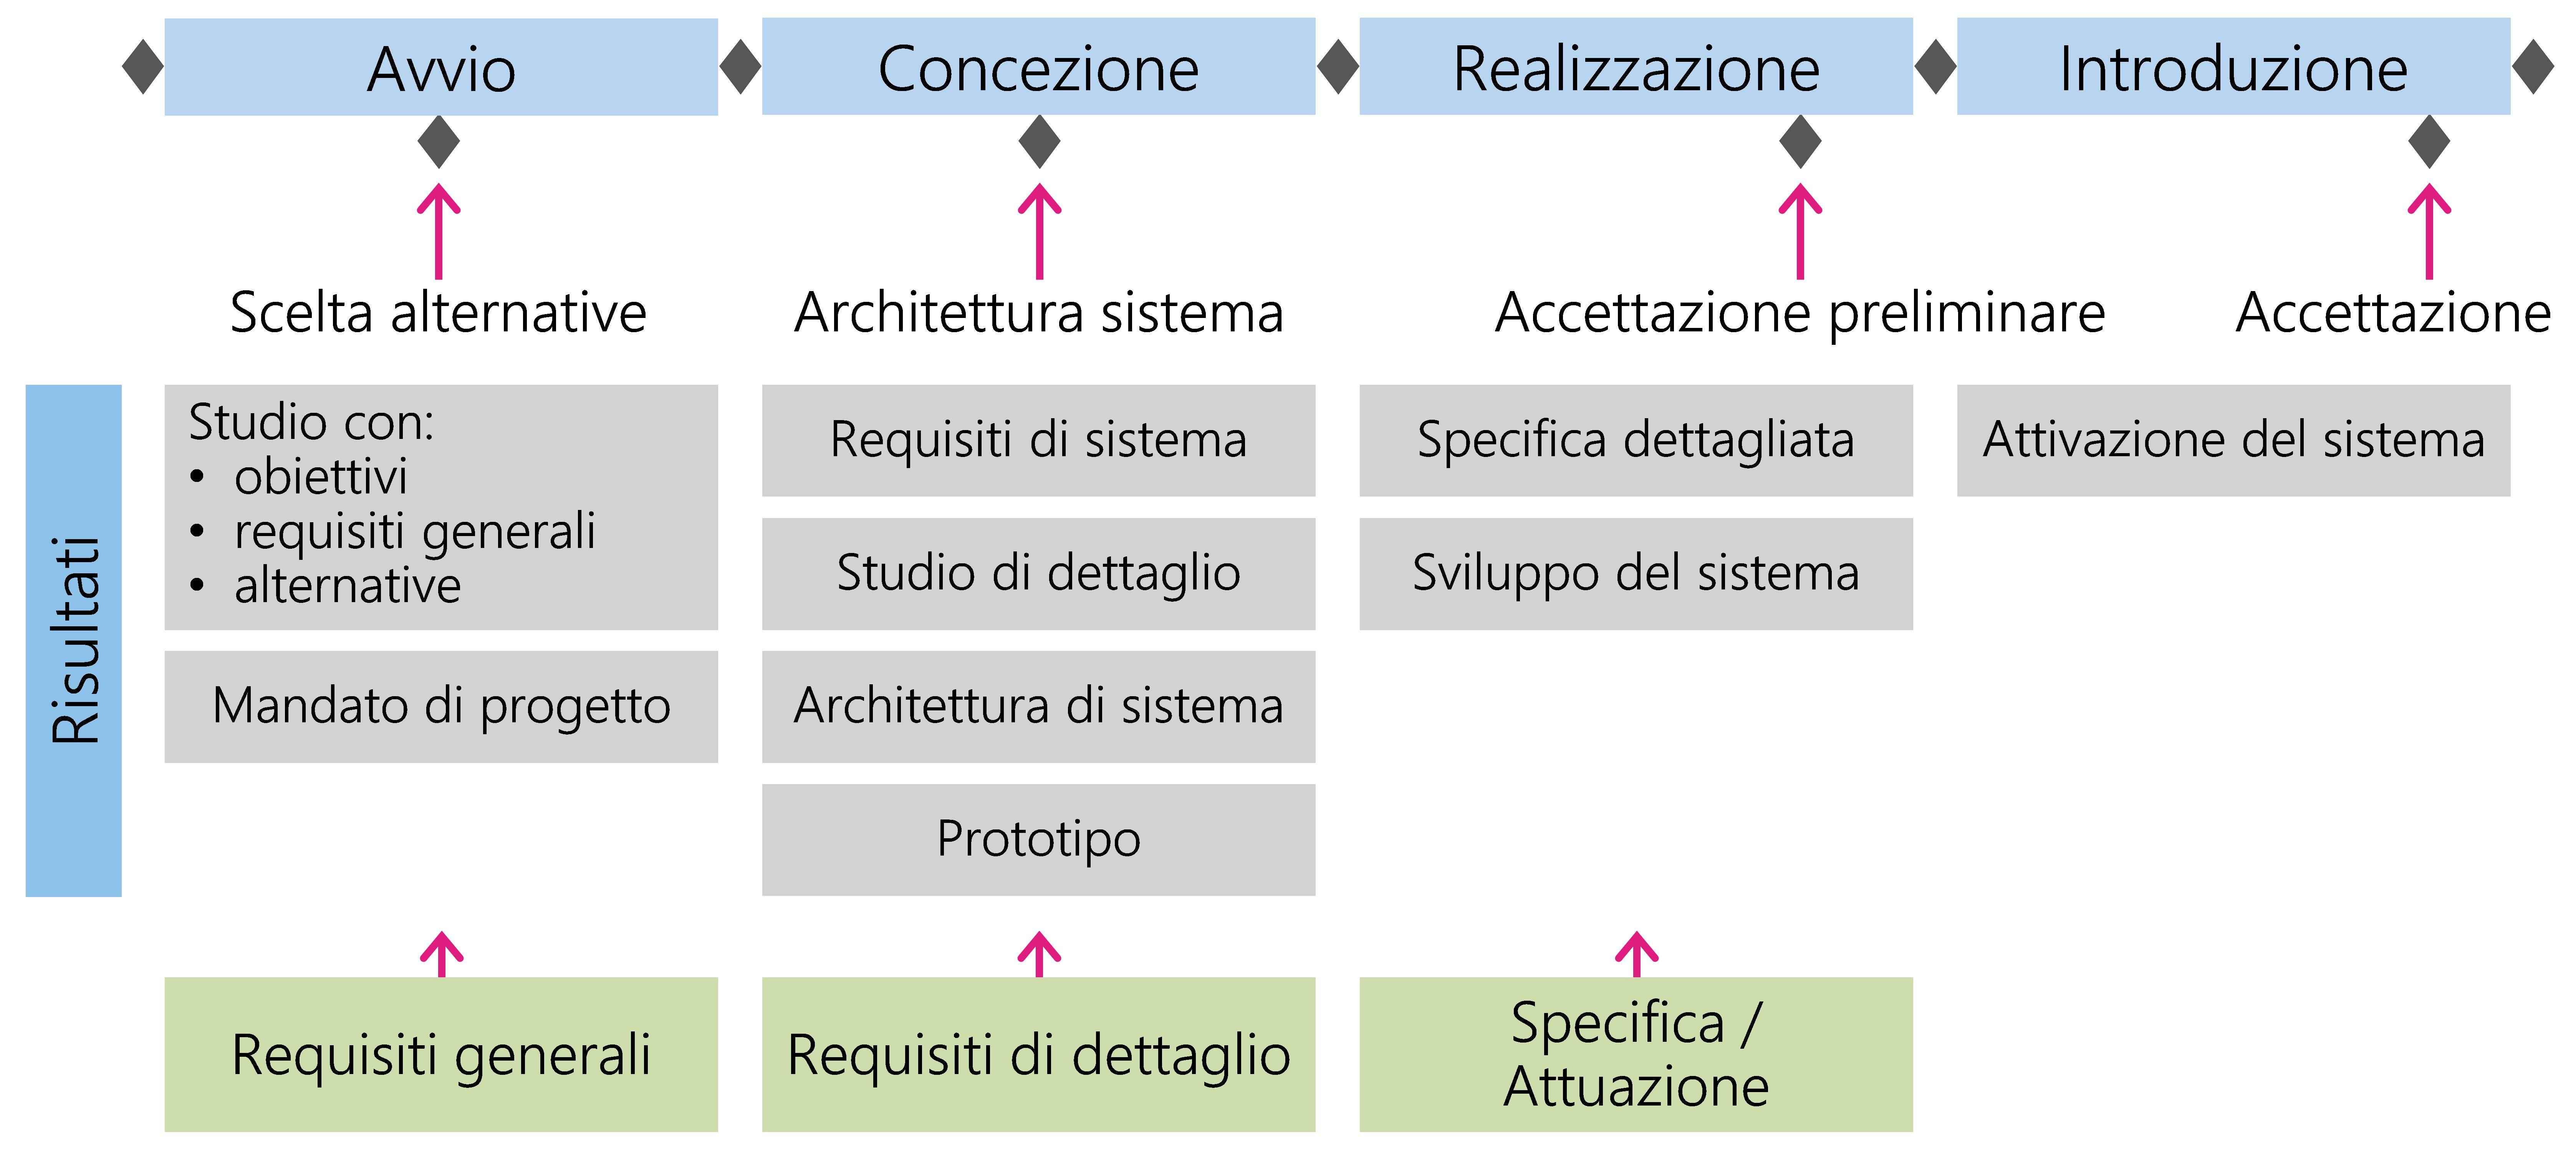 Figura 17: Risultati di un sistema IT nel corso del progetto